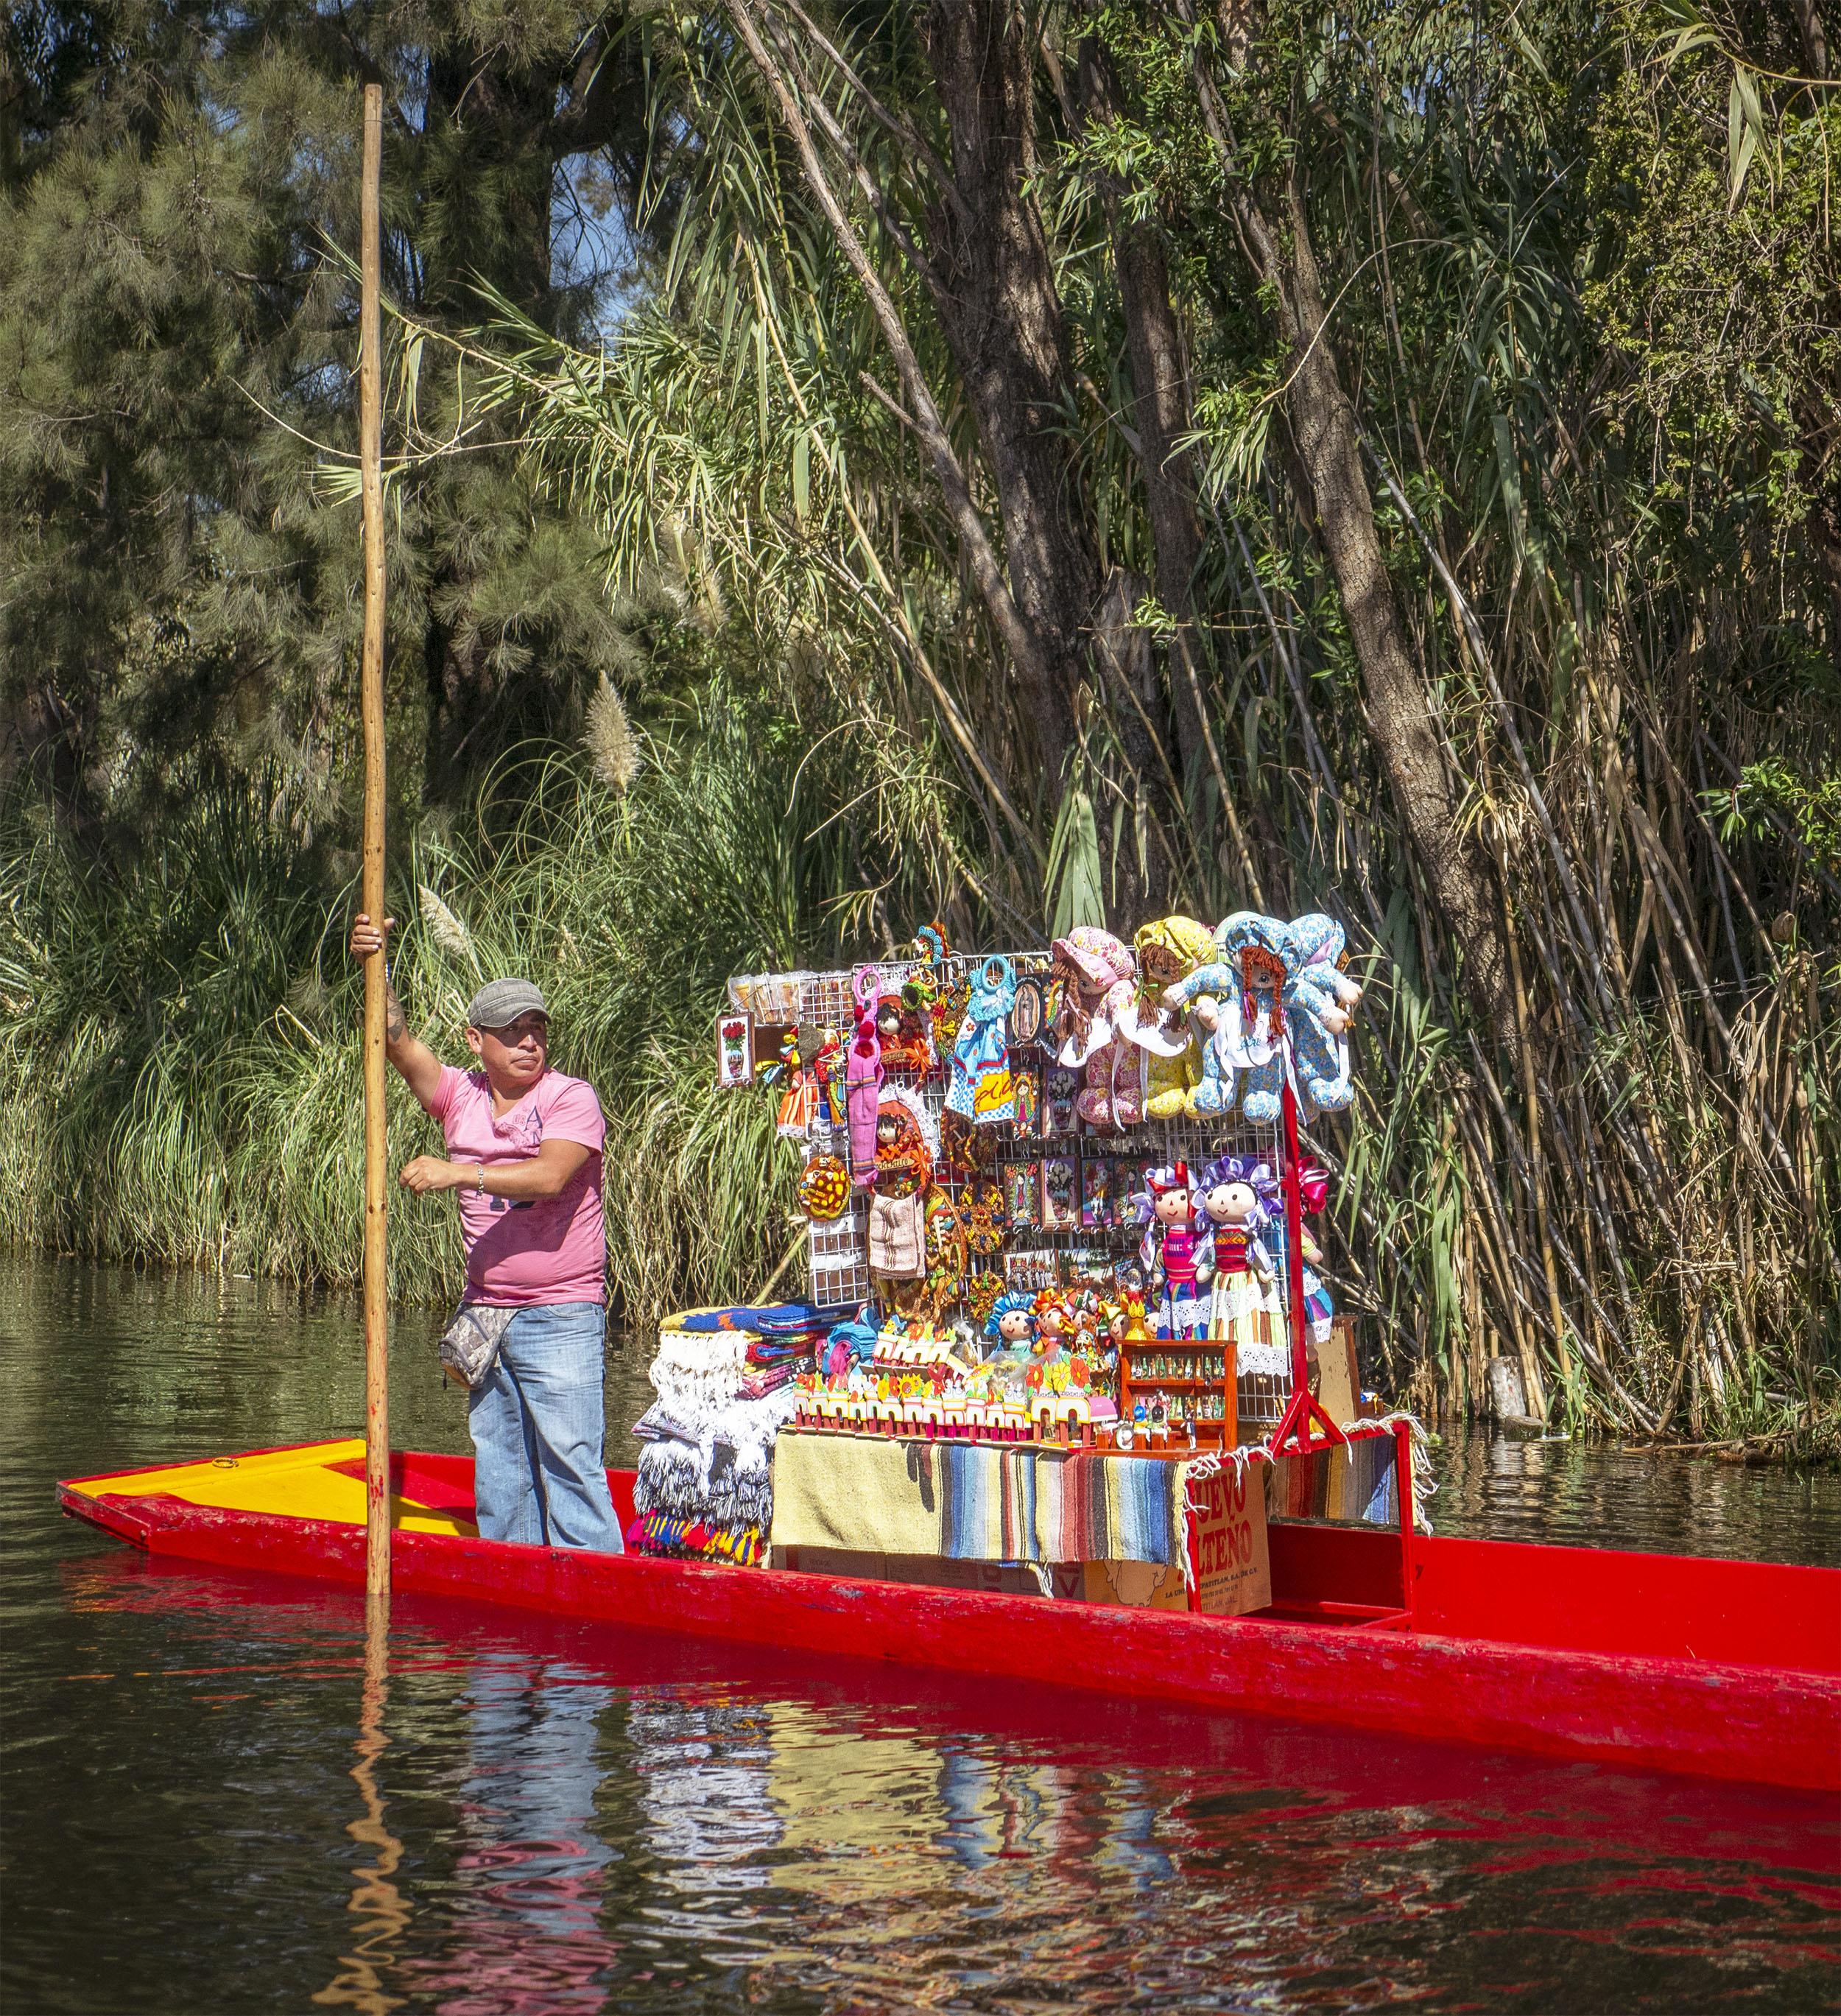 Xochimilco Mexico City Day Trip